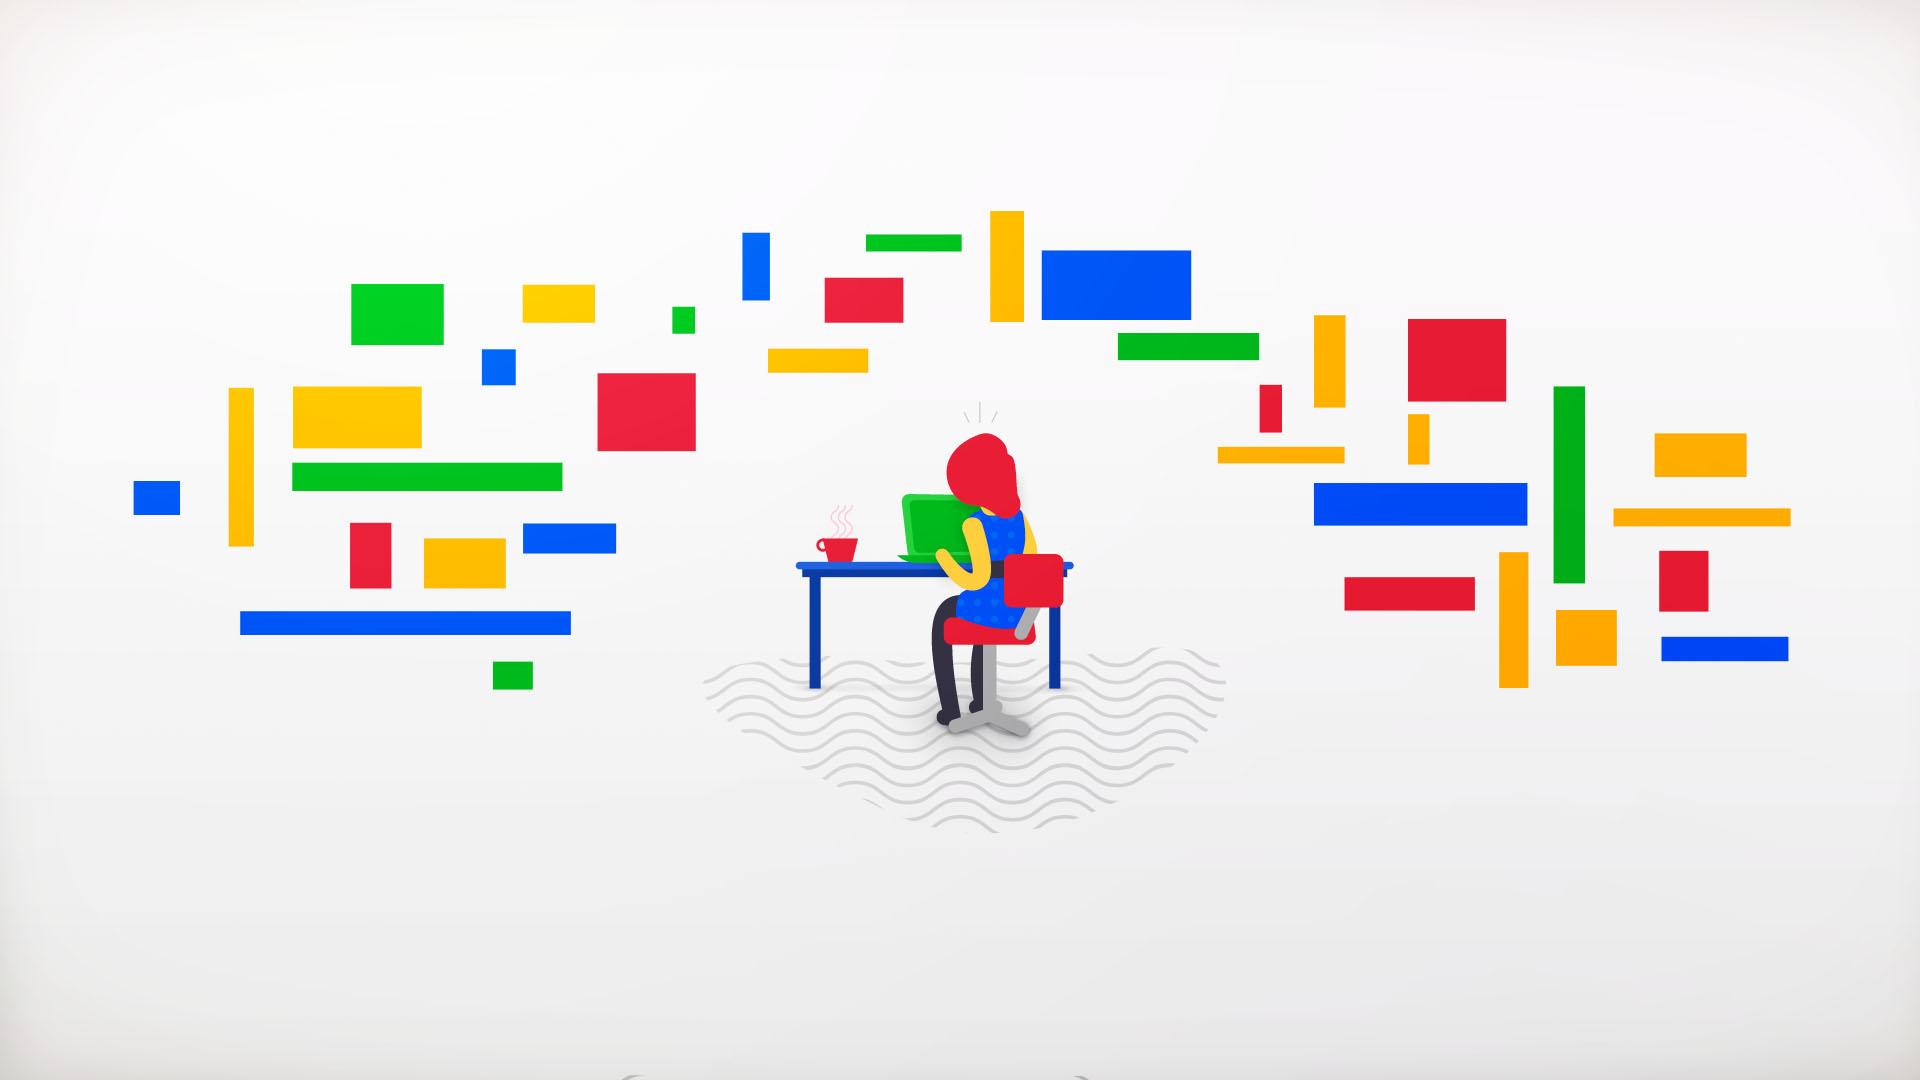 Les 5 étapes pour créer des campagnes Google AdWords performantes [Infographie]